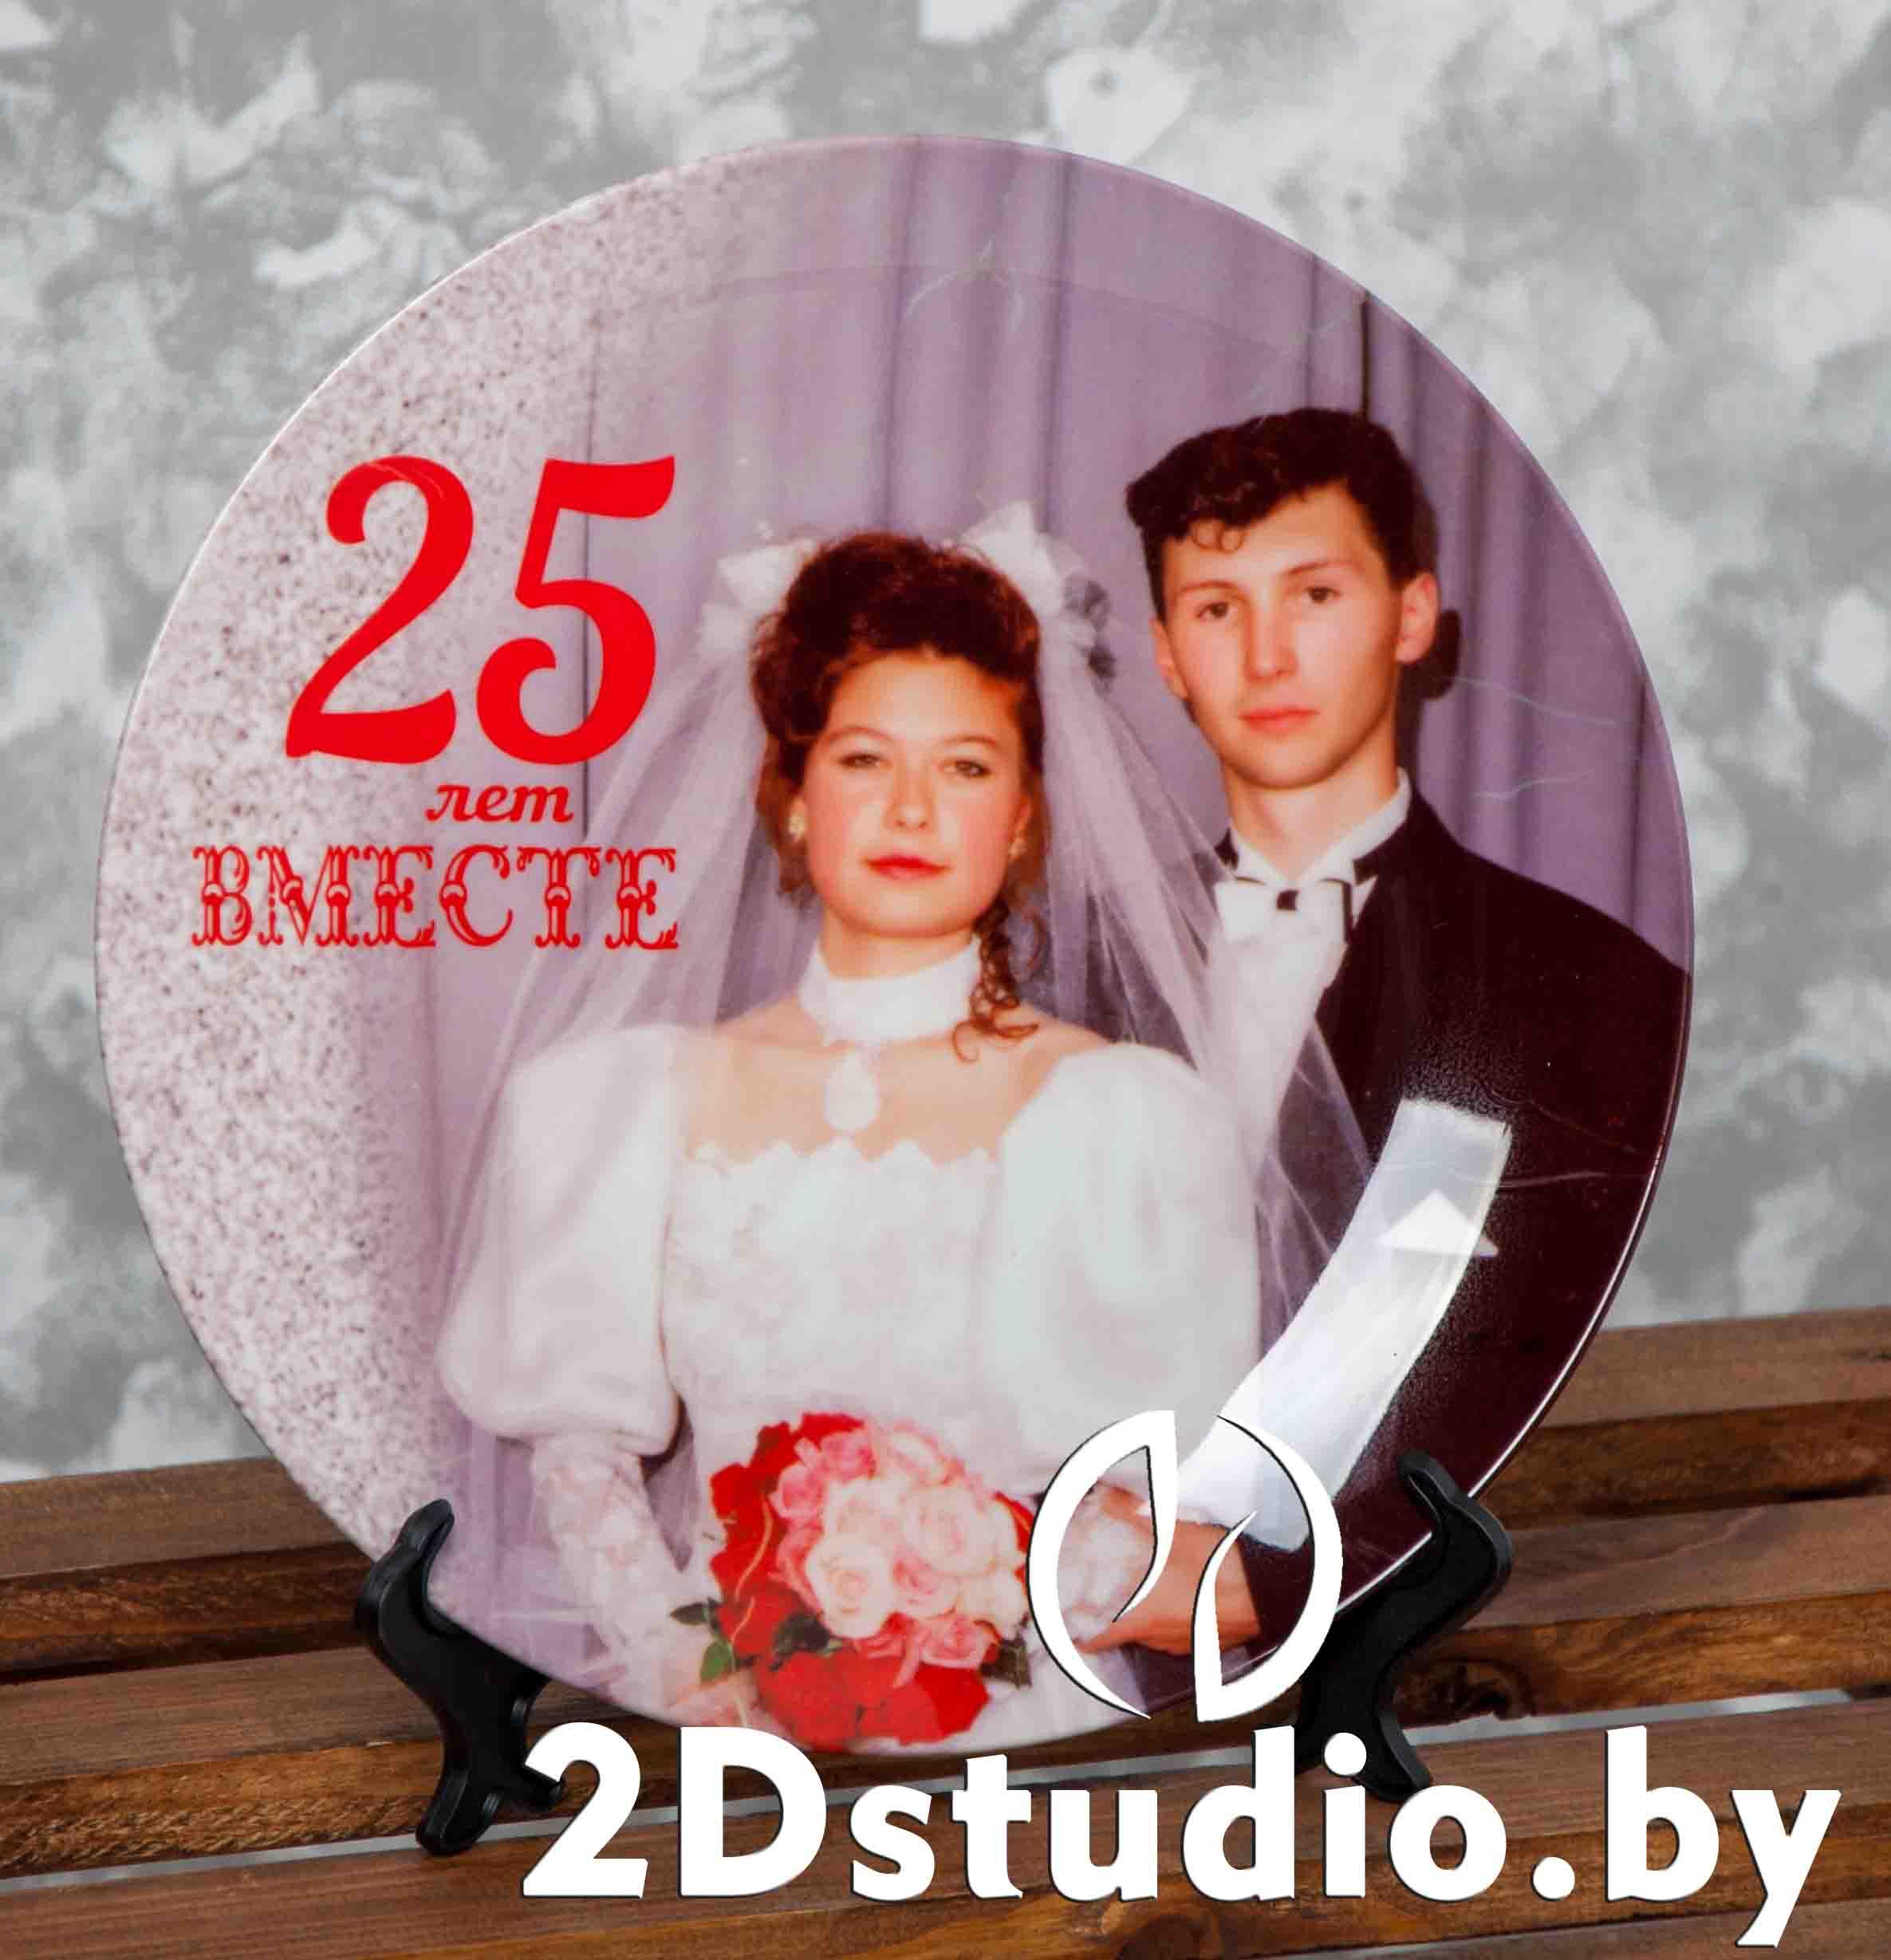 тарелка на годовщину свадьбы